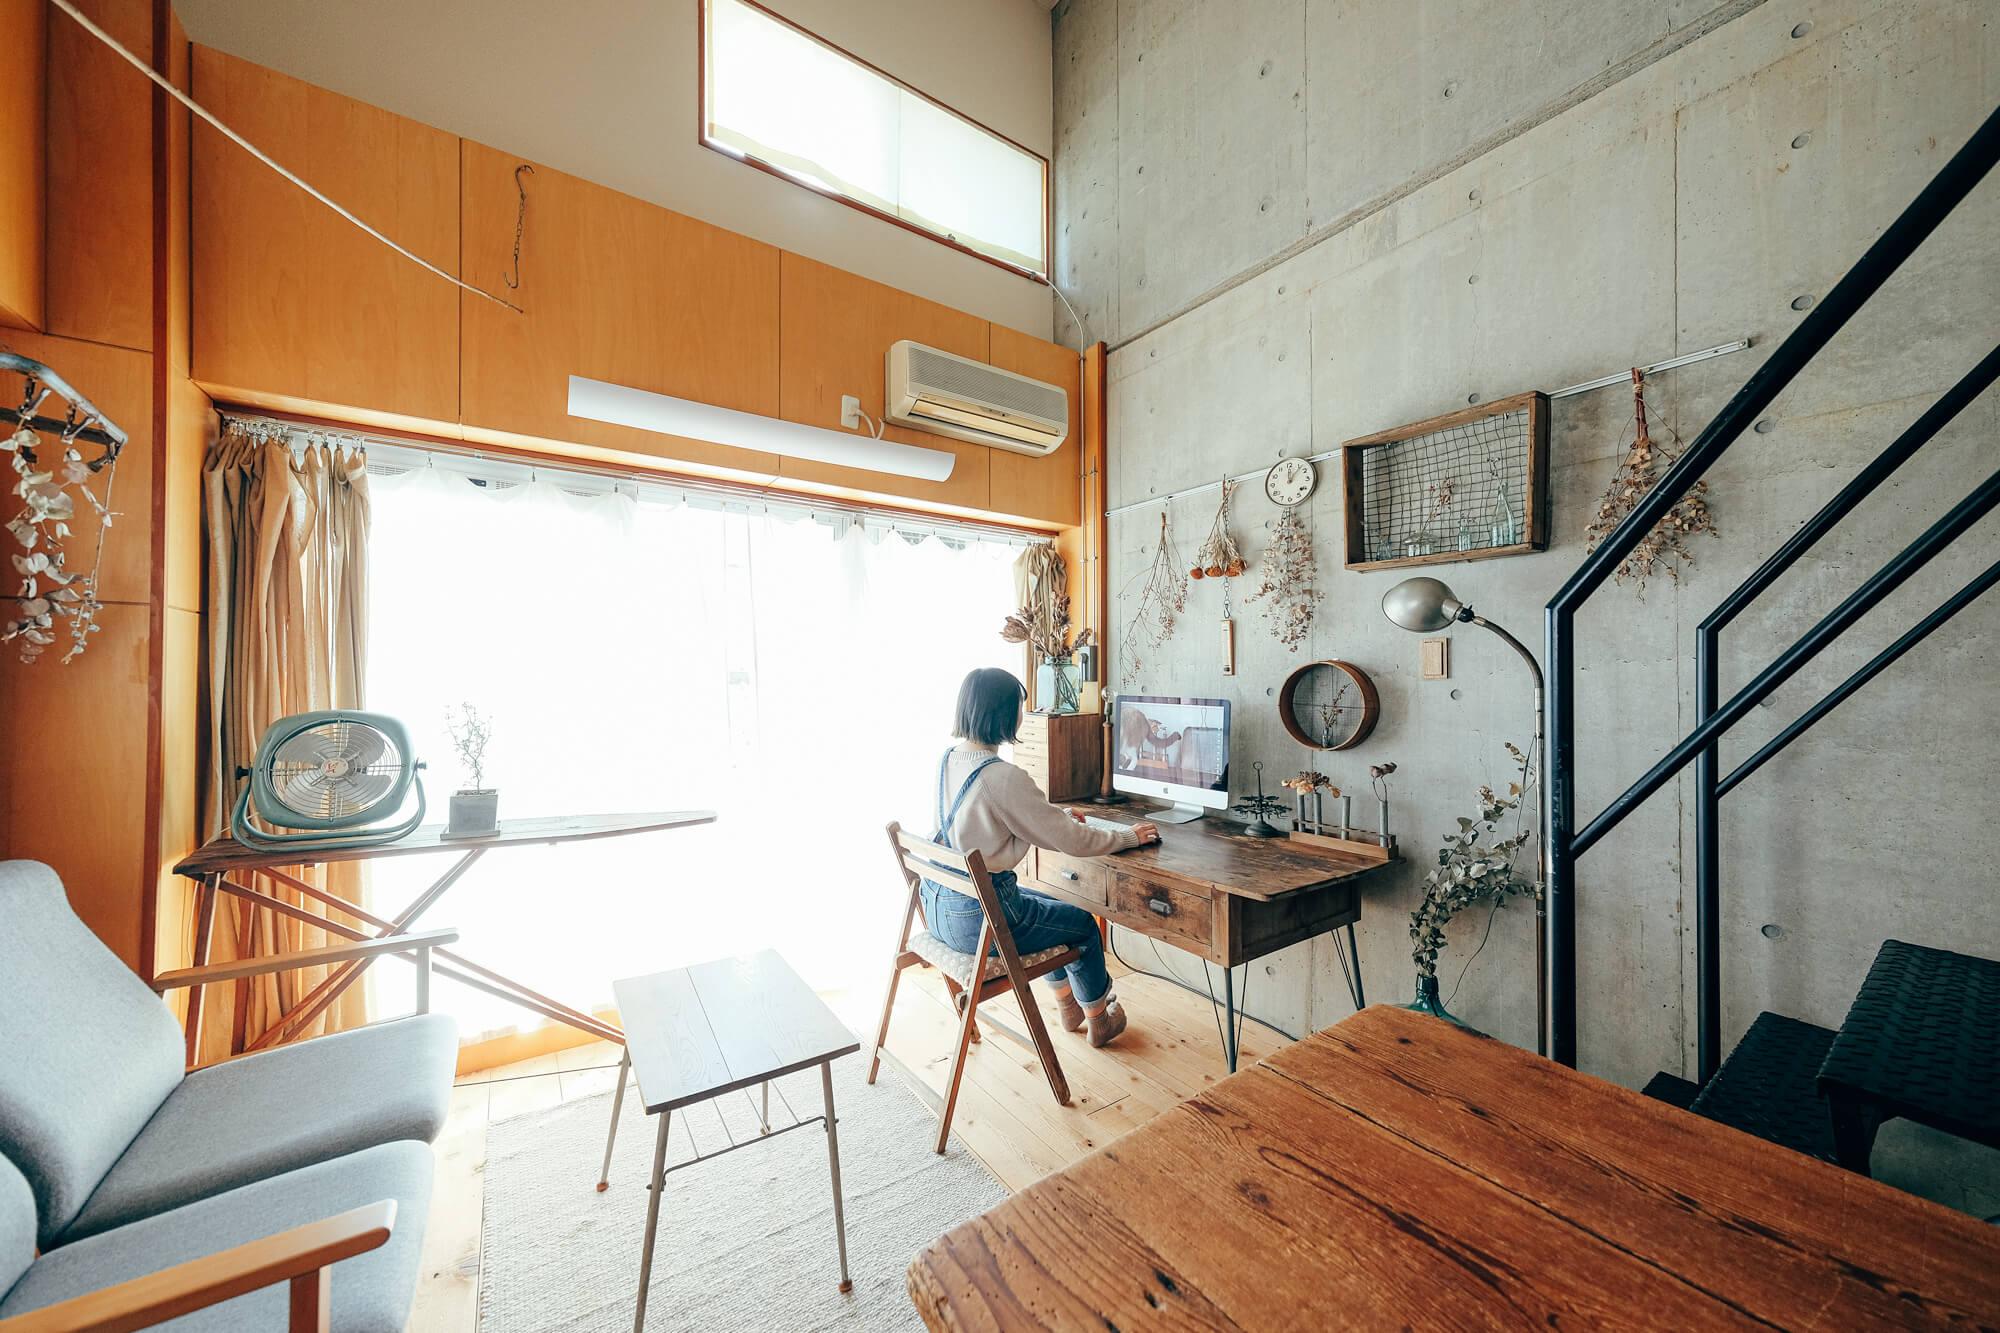 ロフト付きの2Kの賃貸マンションにお二人で暮らされているニビイロさん。 憧れだったデザイナーズマンションで、ペットがOKという条件のもと出会ったお部屋は、カッコいいコンクリート壁が部屋の決め手だったとのこと。